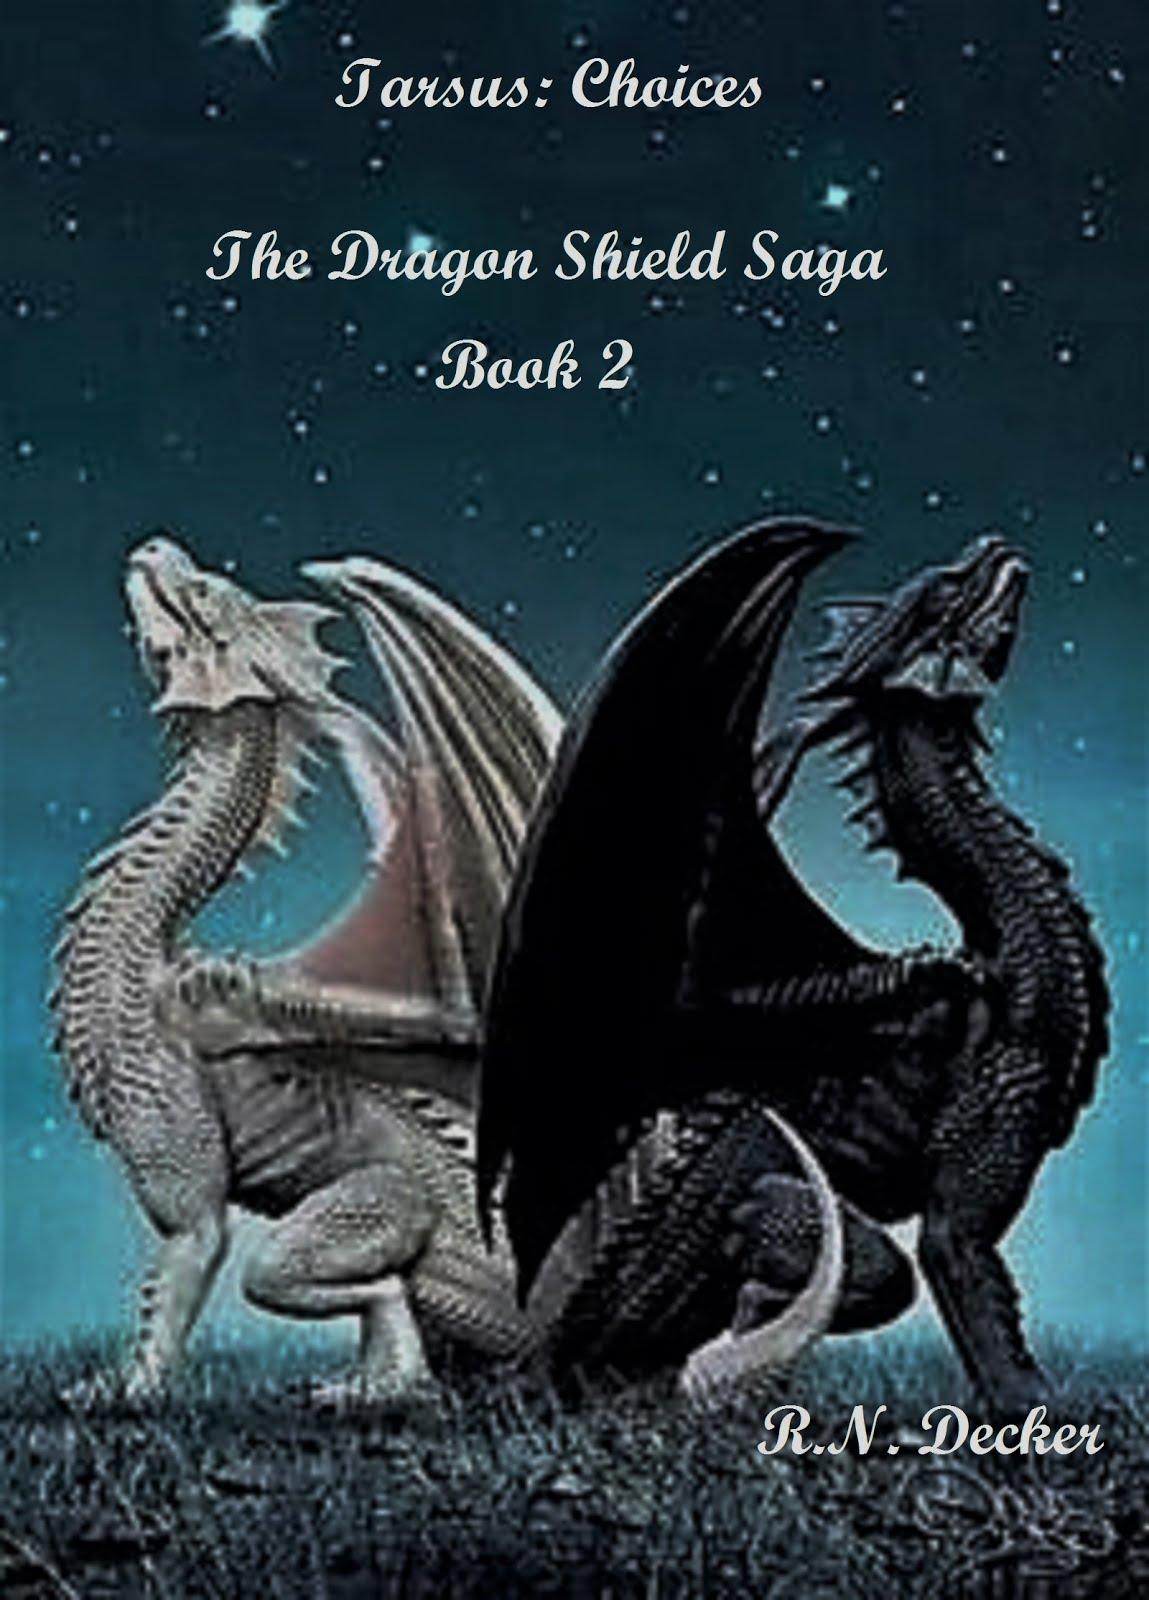 The Dragon Shield Saga Book 2